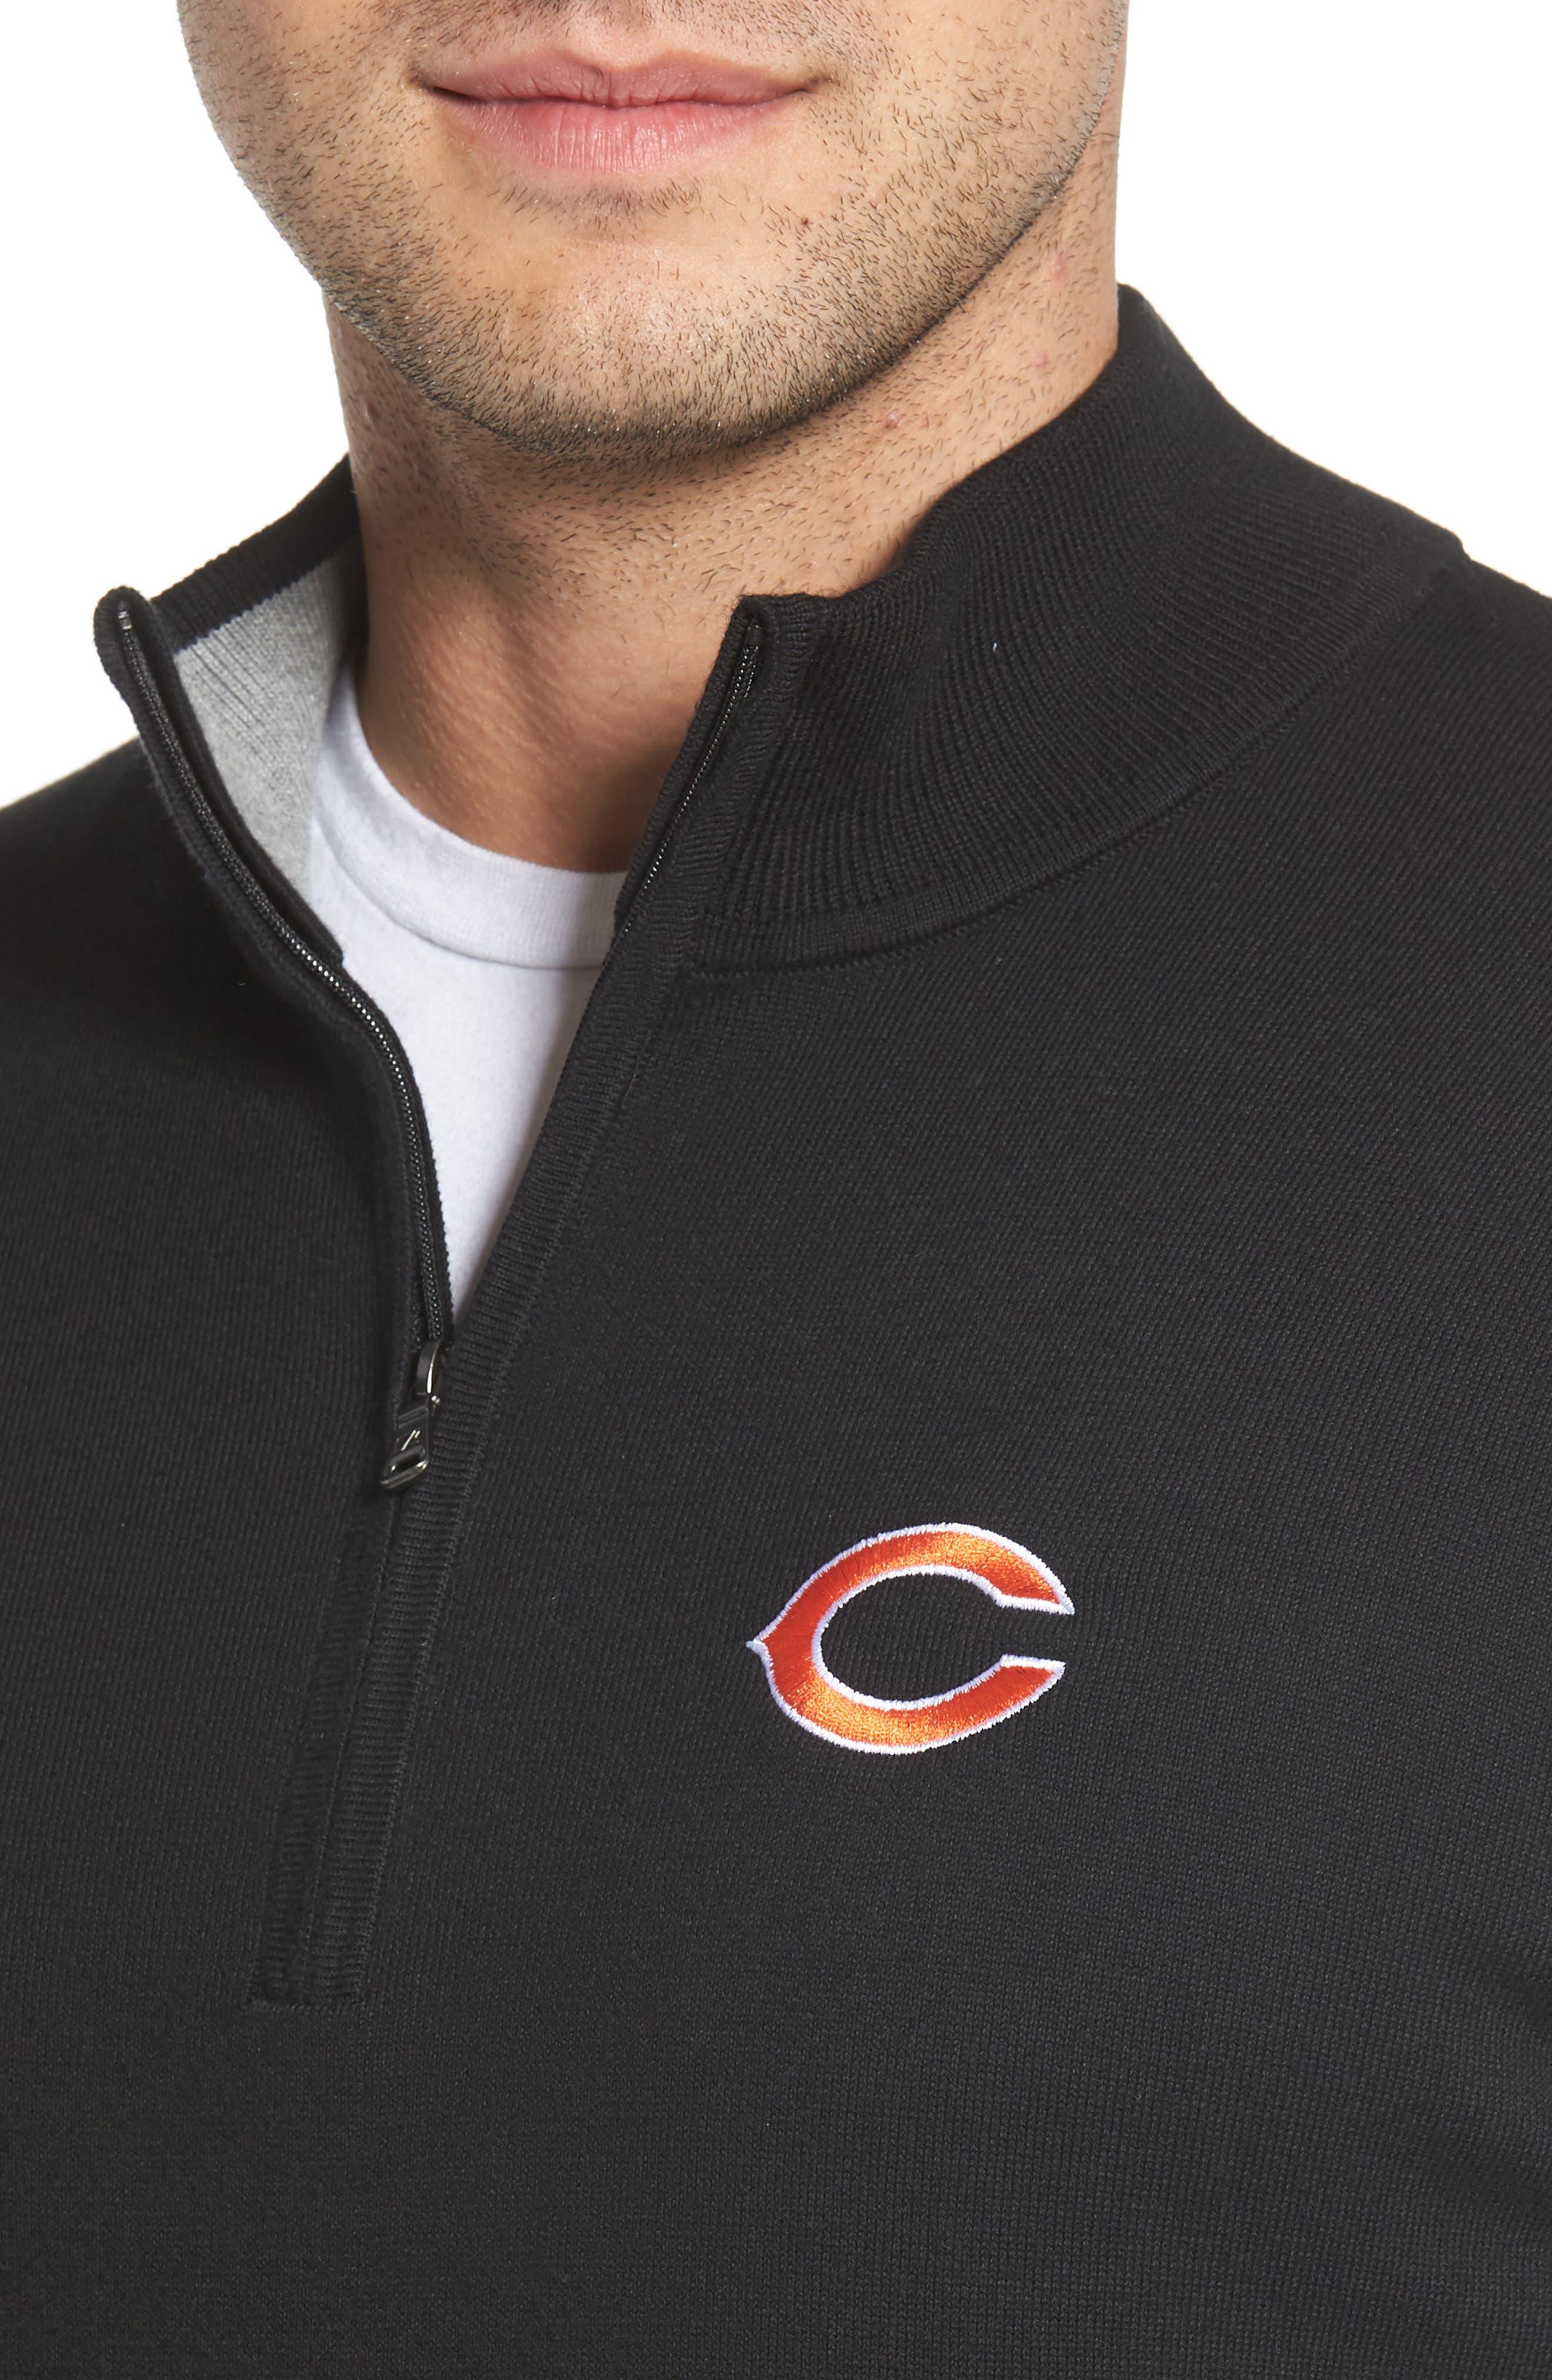 Chicago Bears - Lakemont Regular Fit Quarter Zip Sweater,                             Alternate thumbnail 4, color,                             BLACK